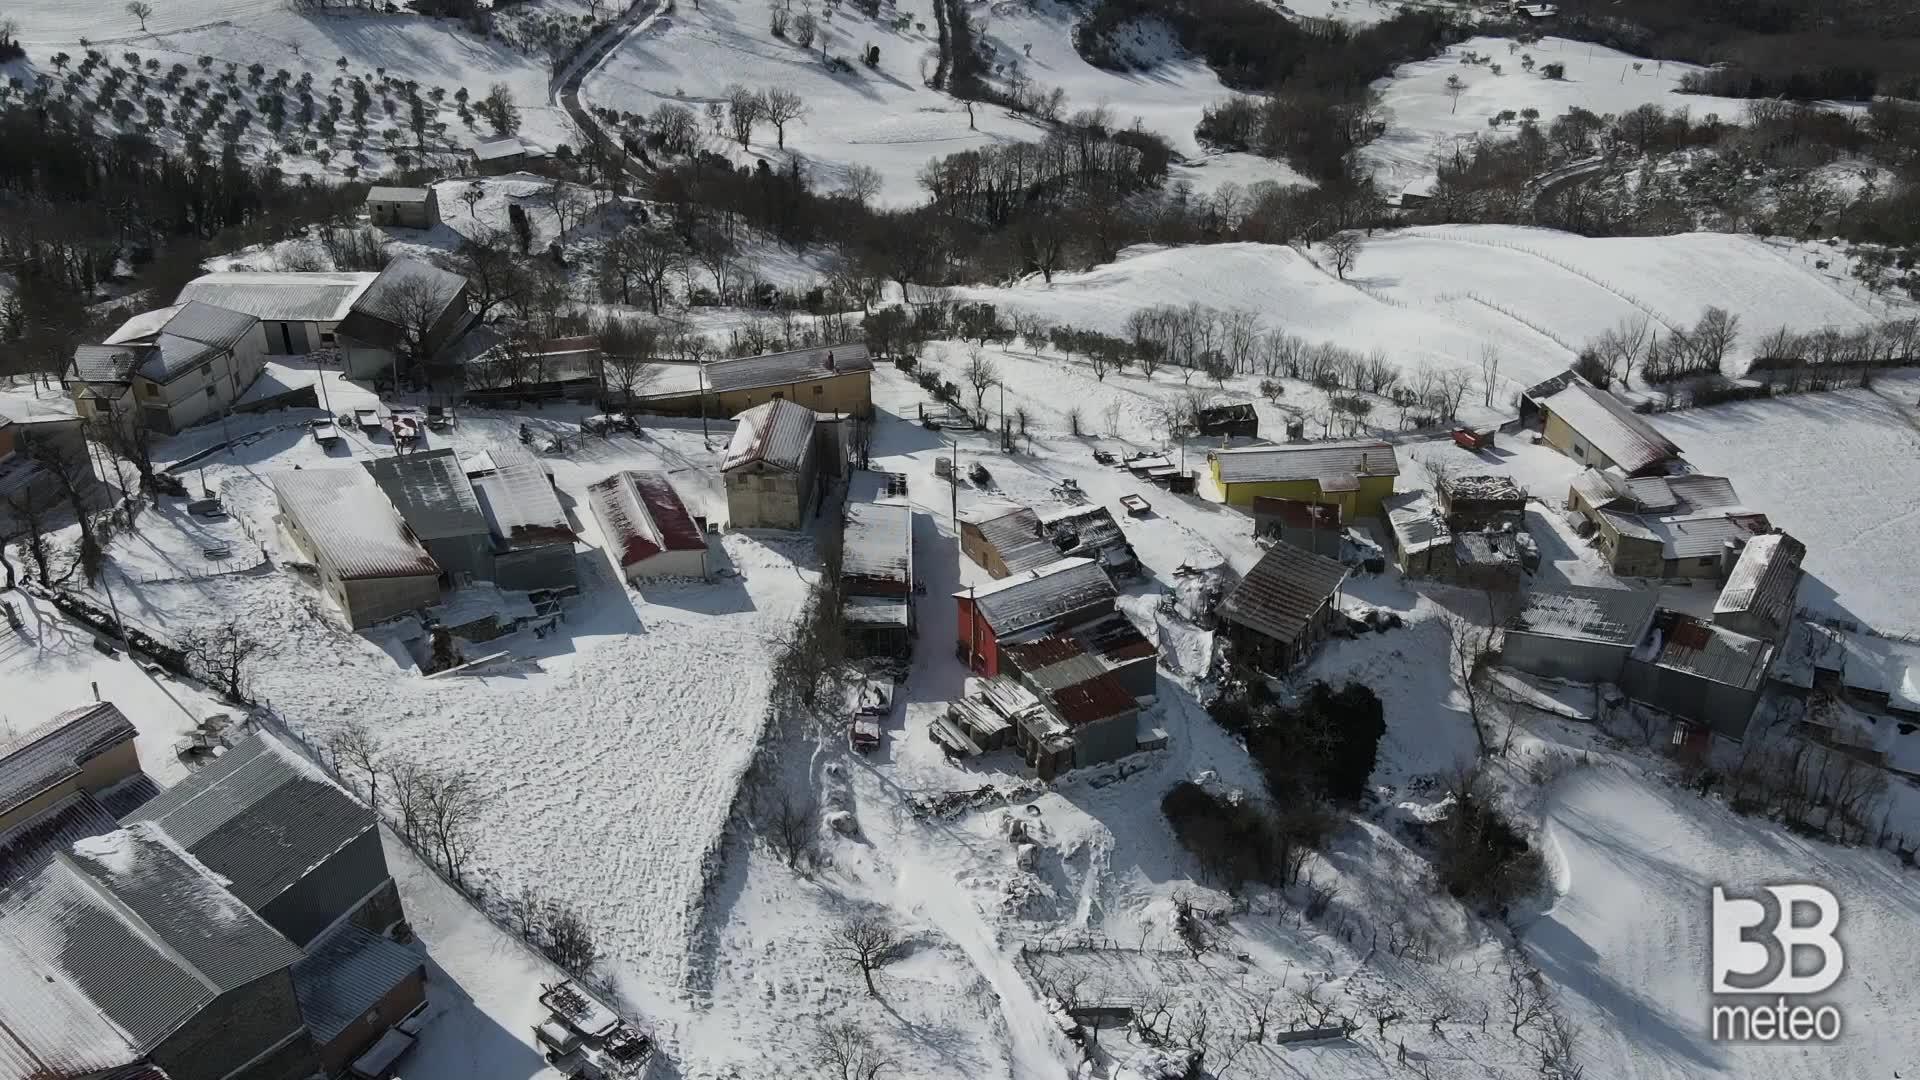 Beneventano sotto la neve: le immagini dal drone